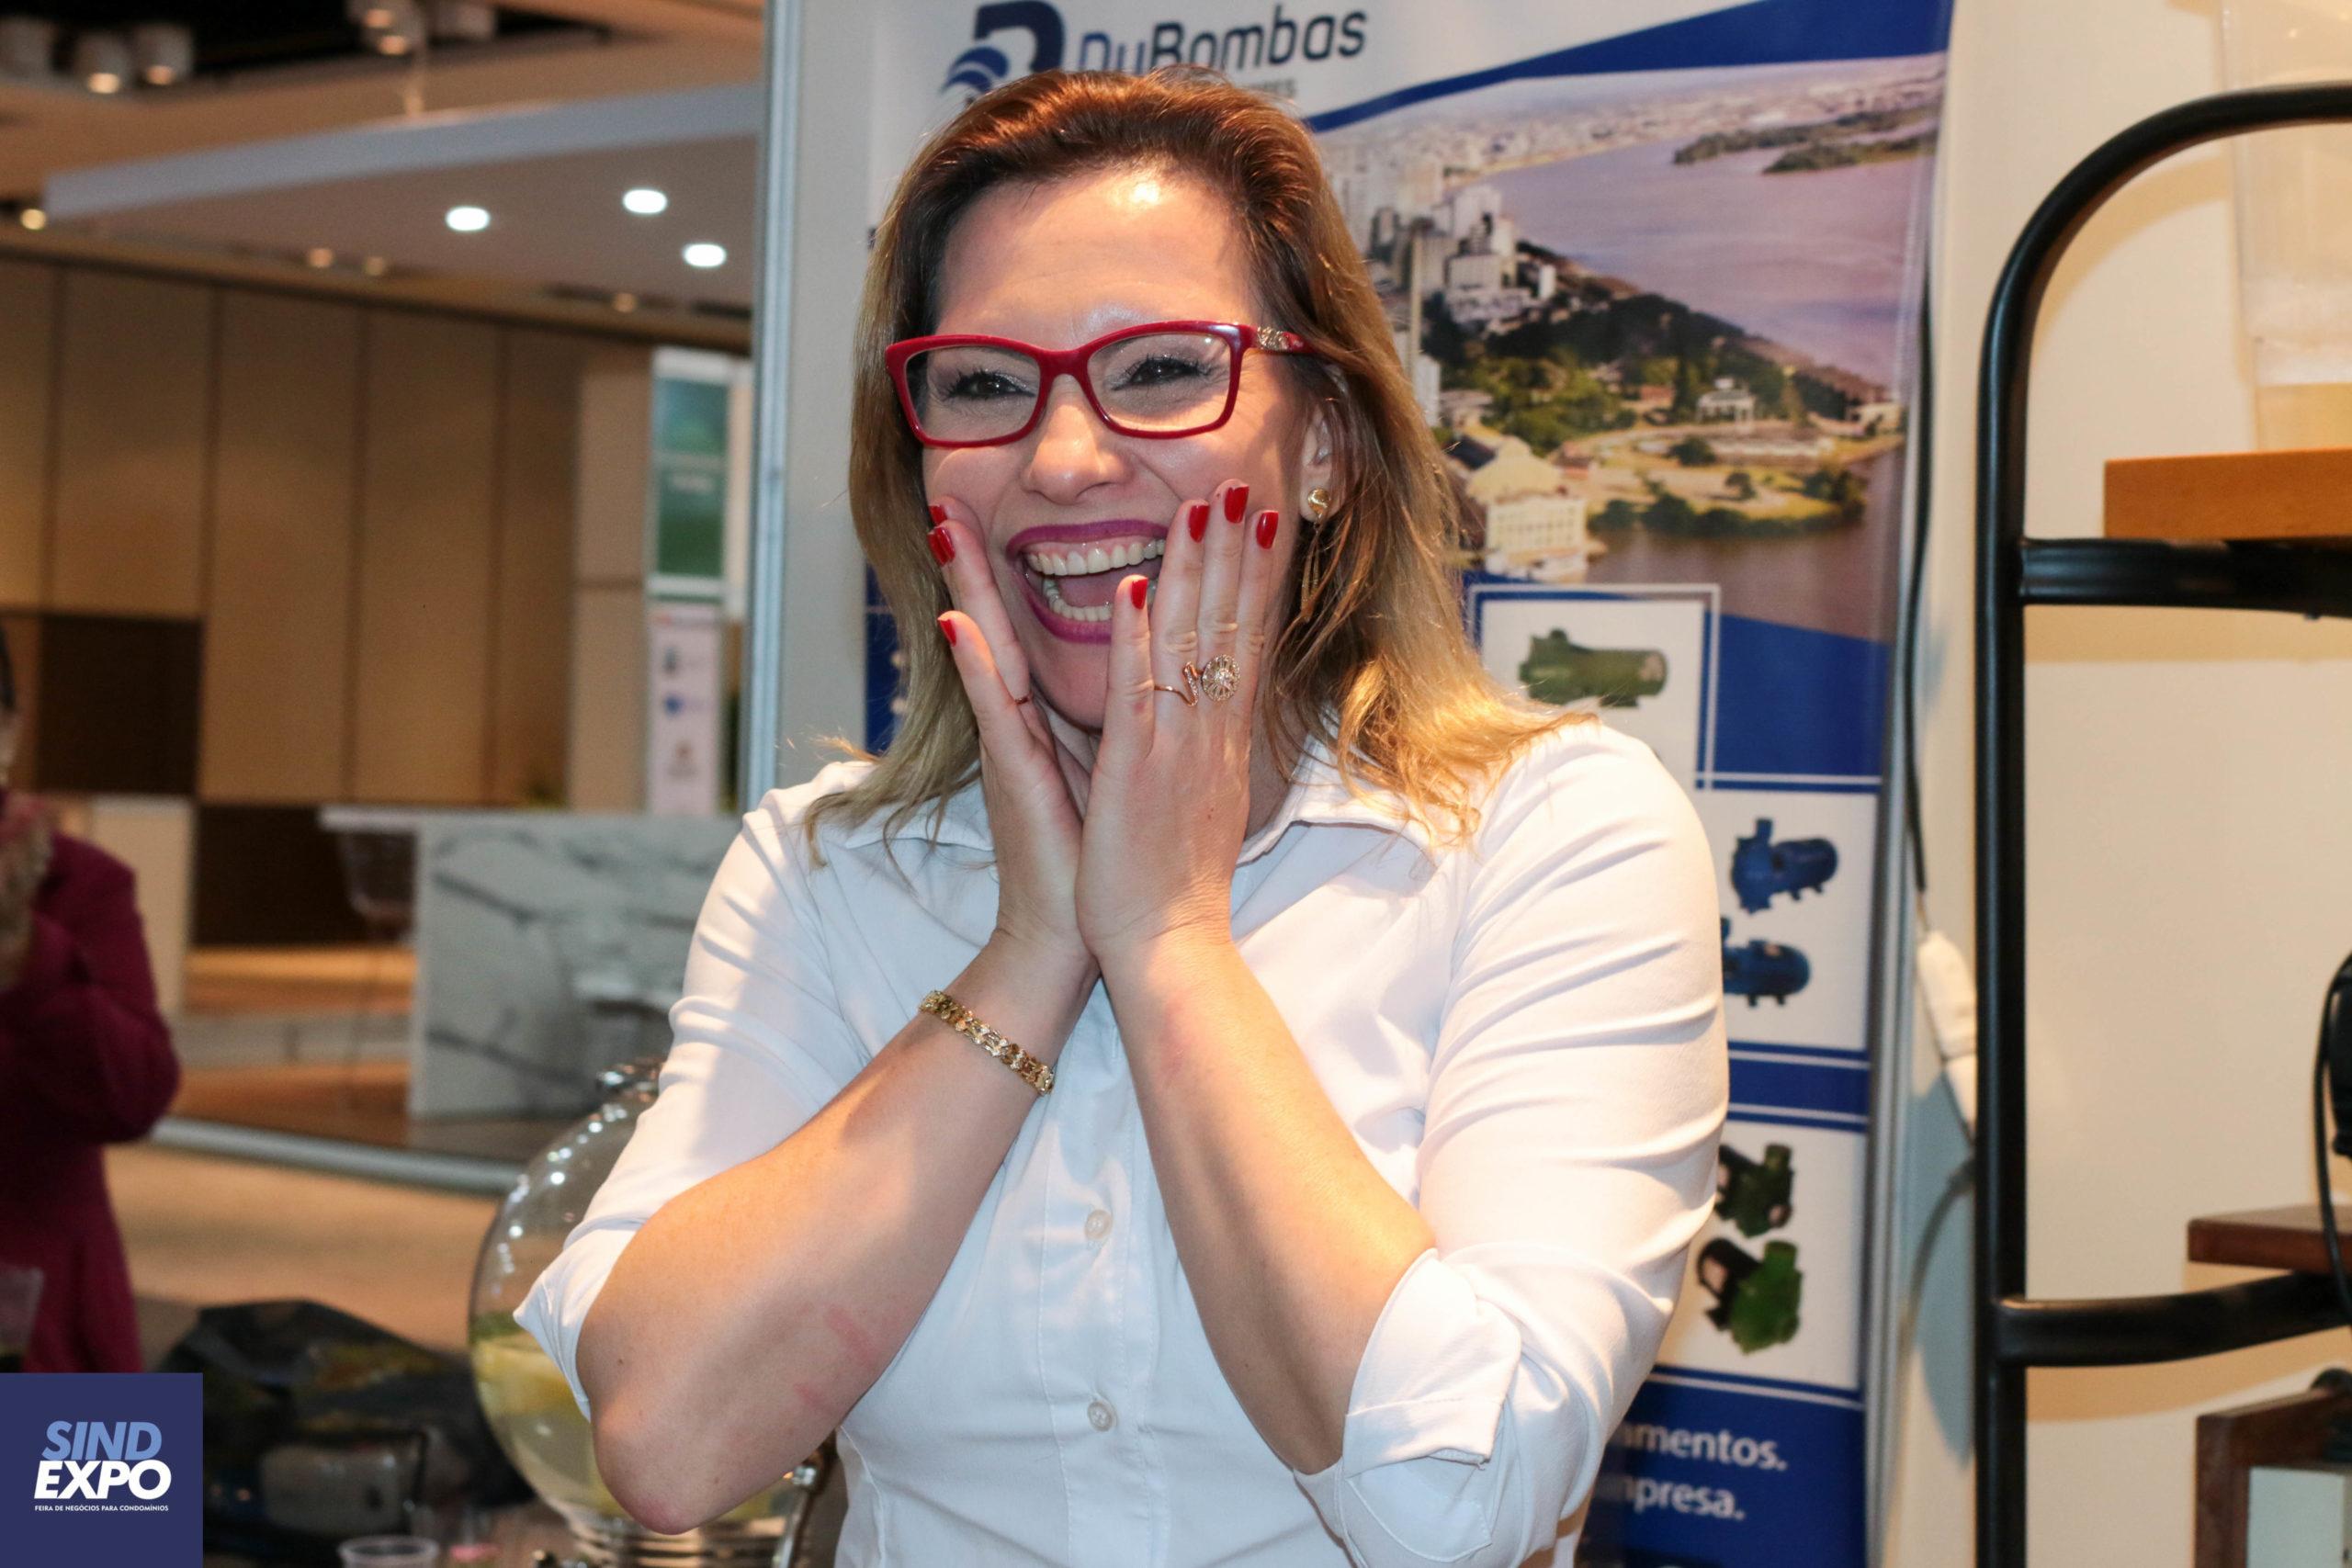 Fernanda Niches Machado